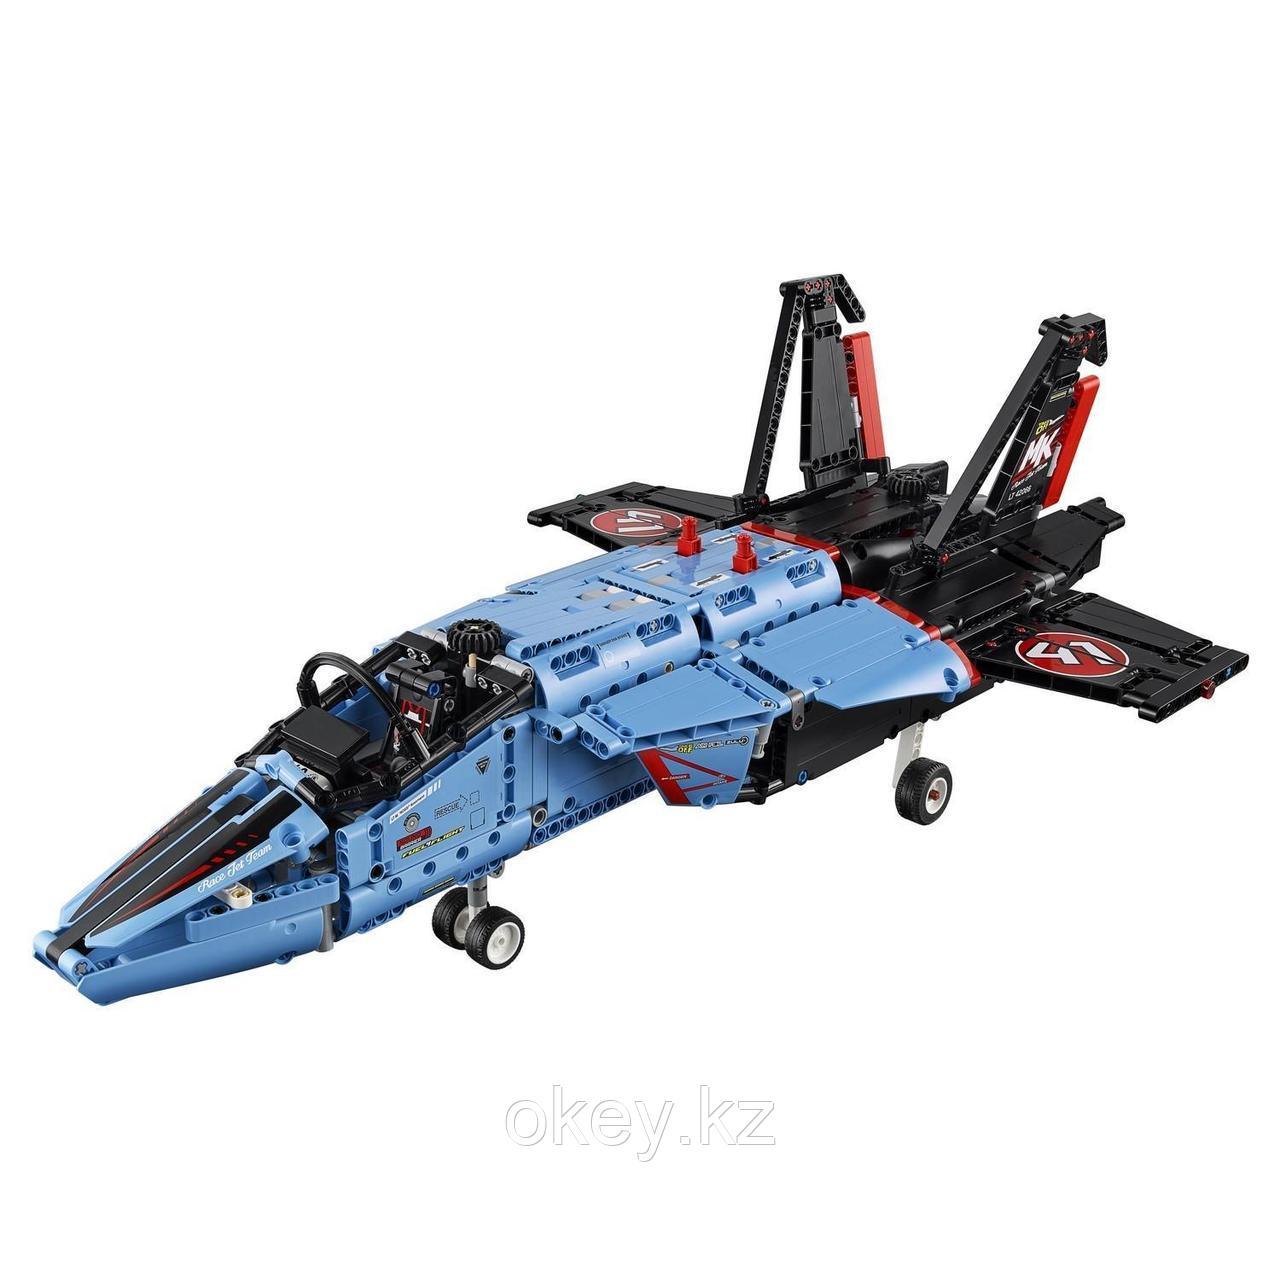 LEGO Technic: Сверхзвуковой истребитель 42066 - фото 3